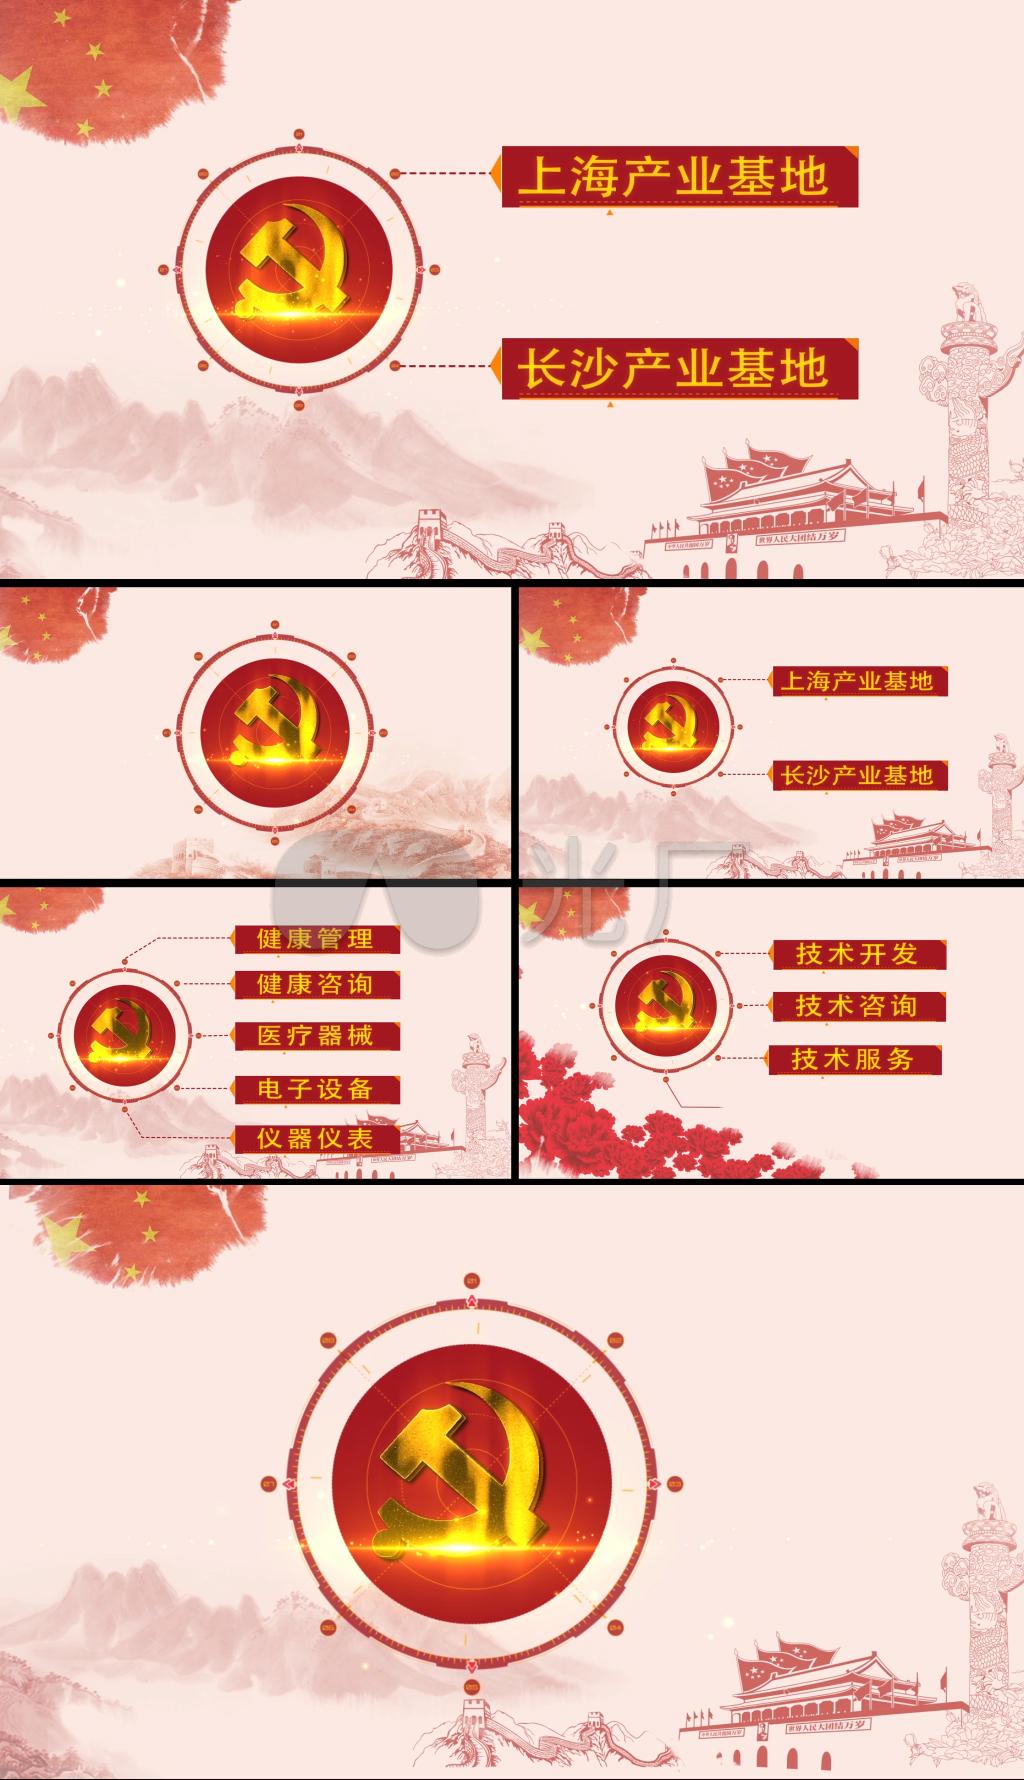 红色党政组织框架科技信息文字展示AE模版